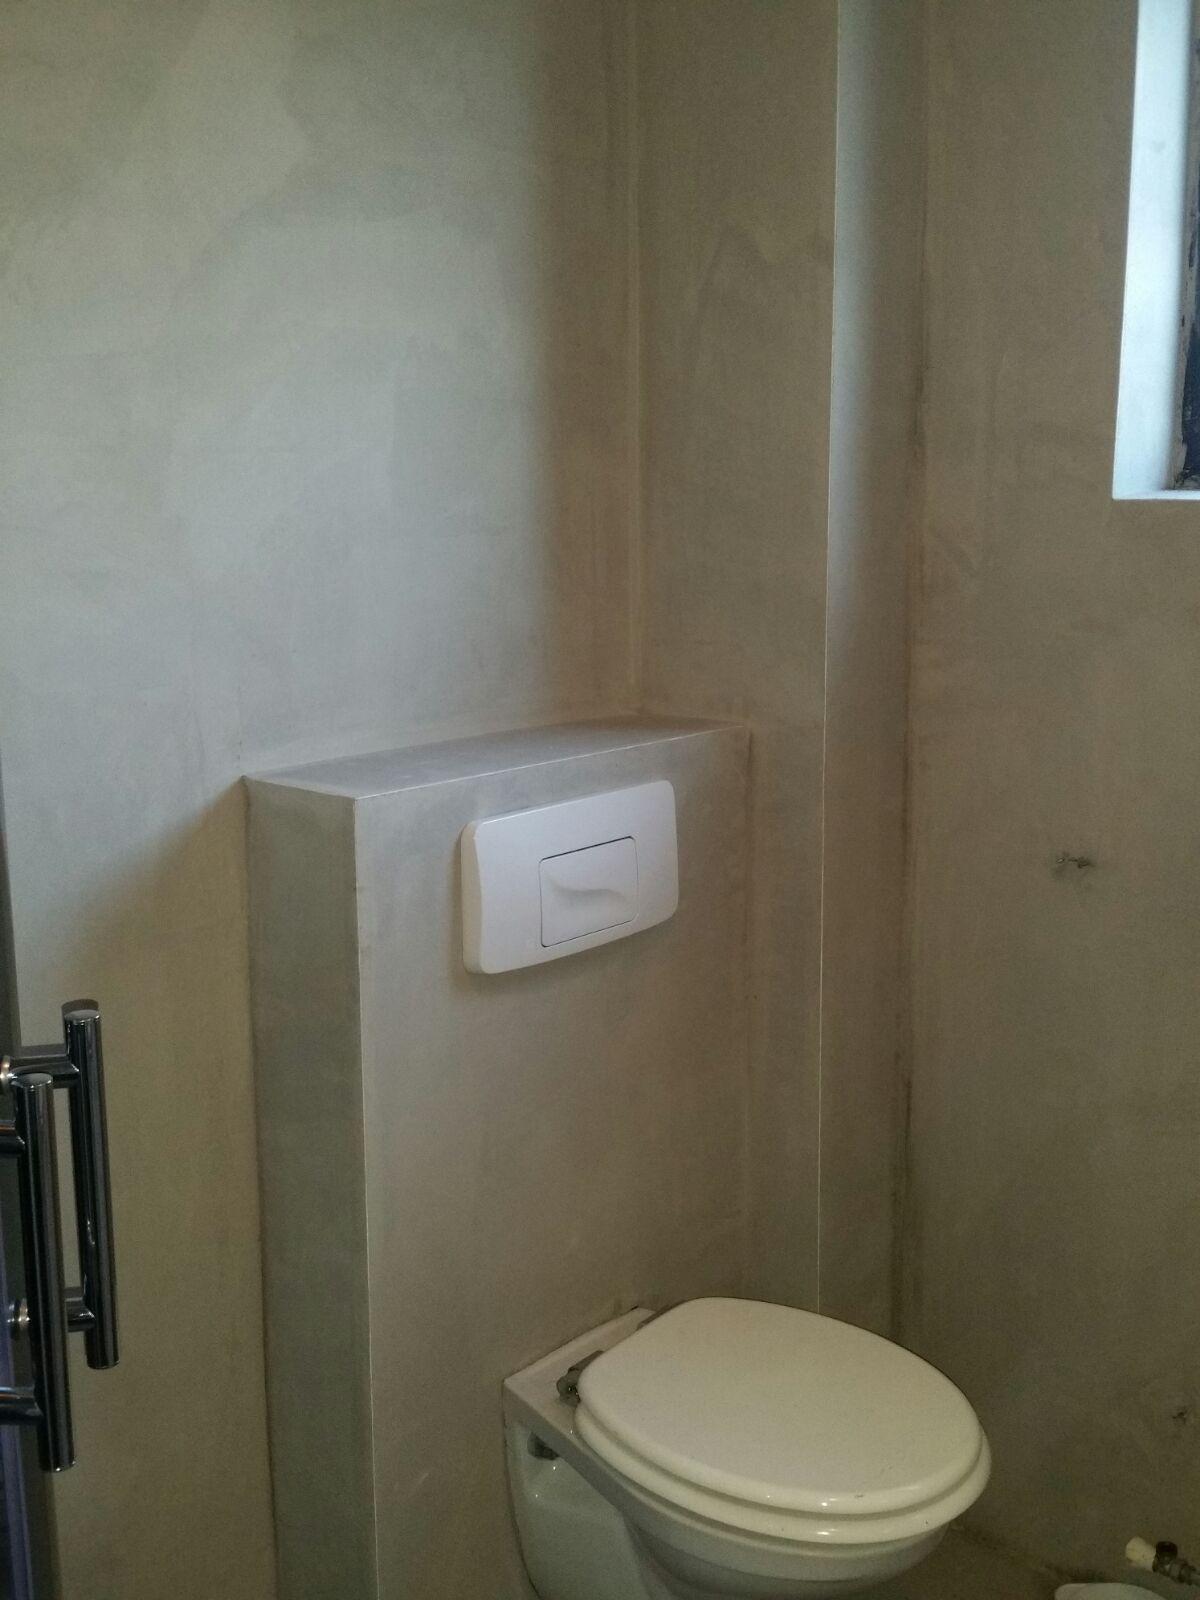 beton look in je badkamer hoe gaaf maison mansion